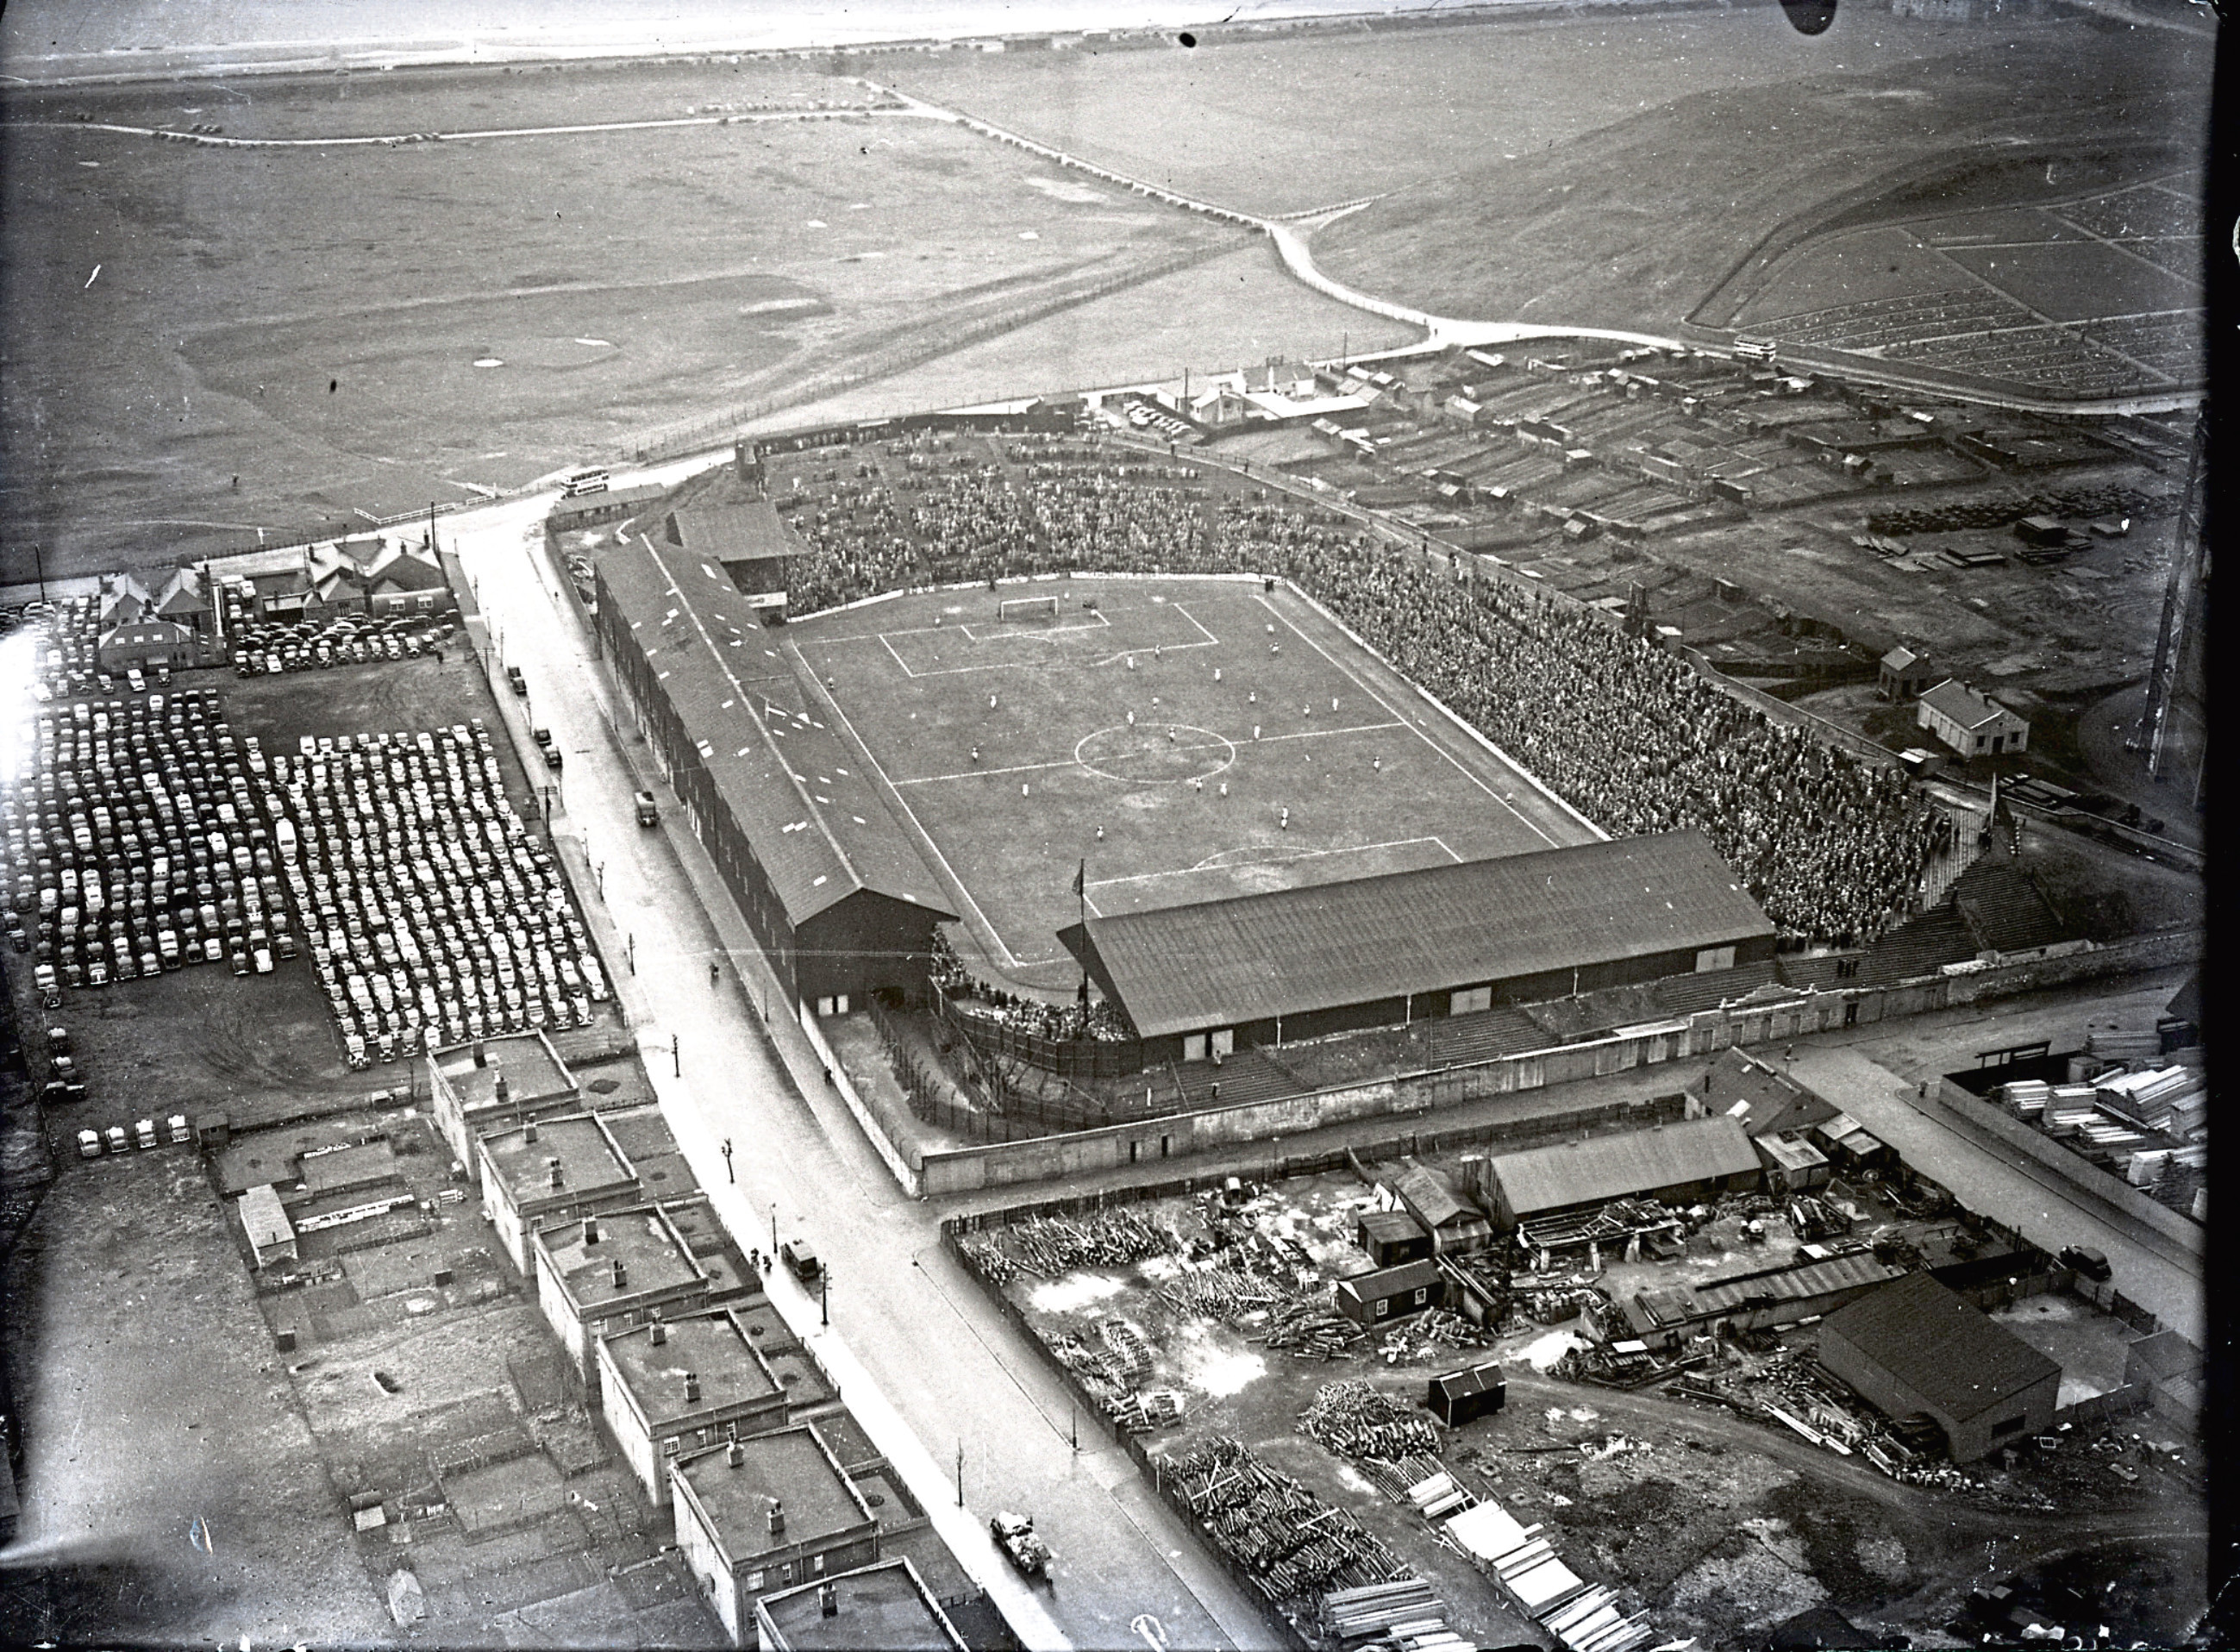 Pittodrie Stadium in the 1950s